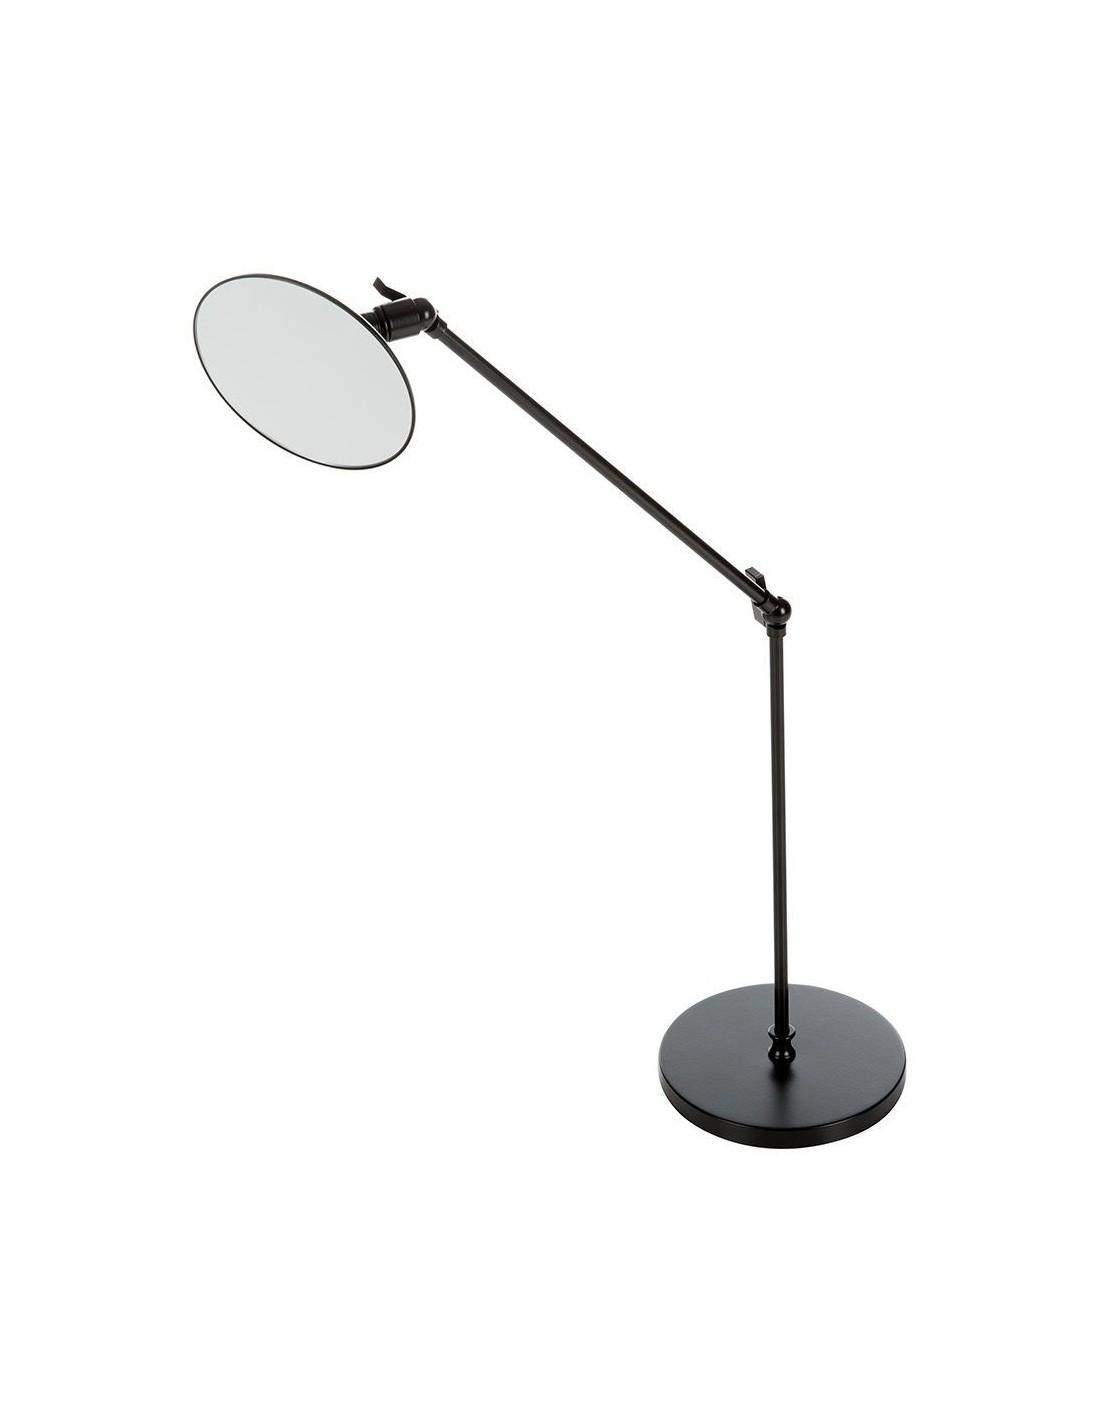 Miroir rond grossissant orientable sur pied SPT 70 noir mat vue de côté - Décor Walther - Valente Design